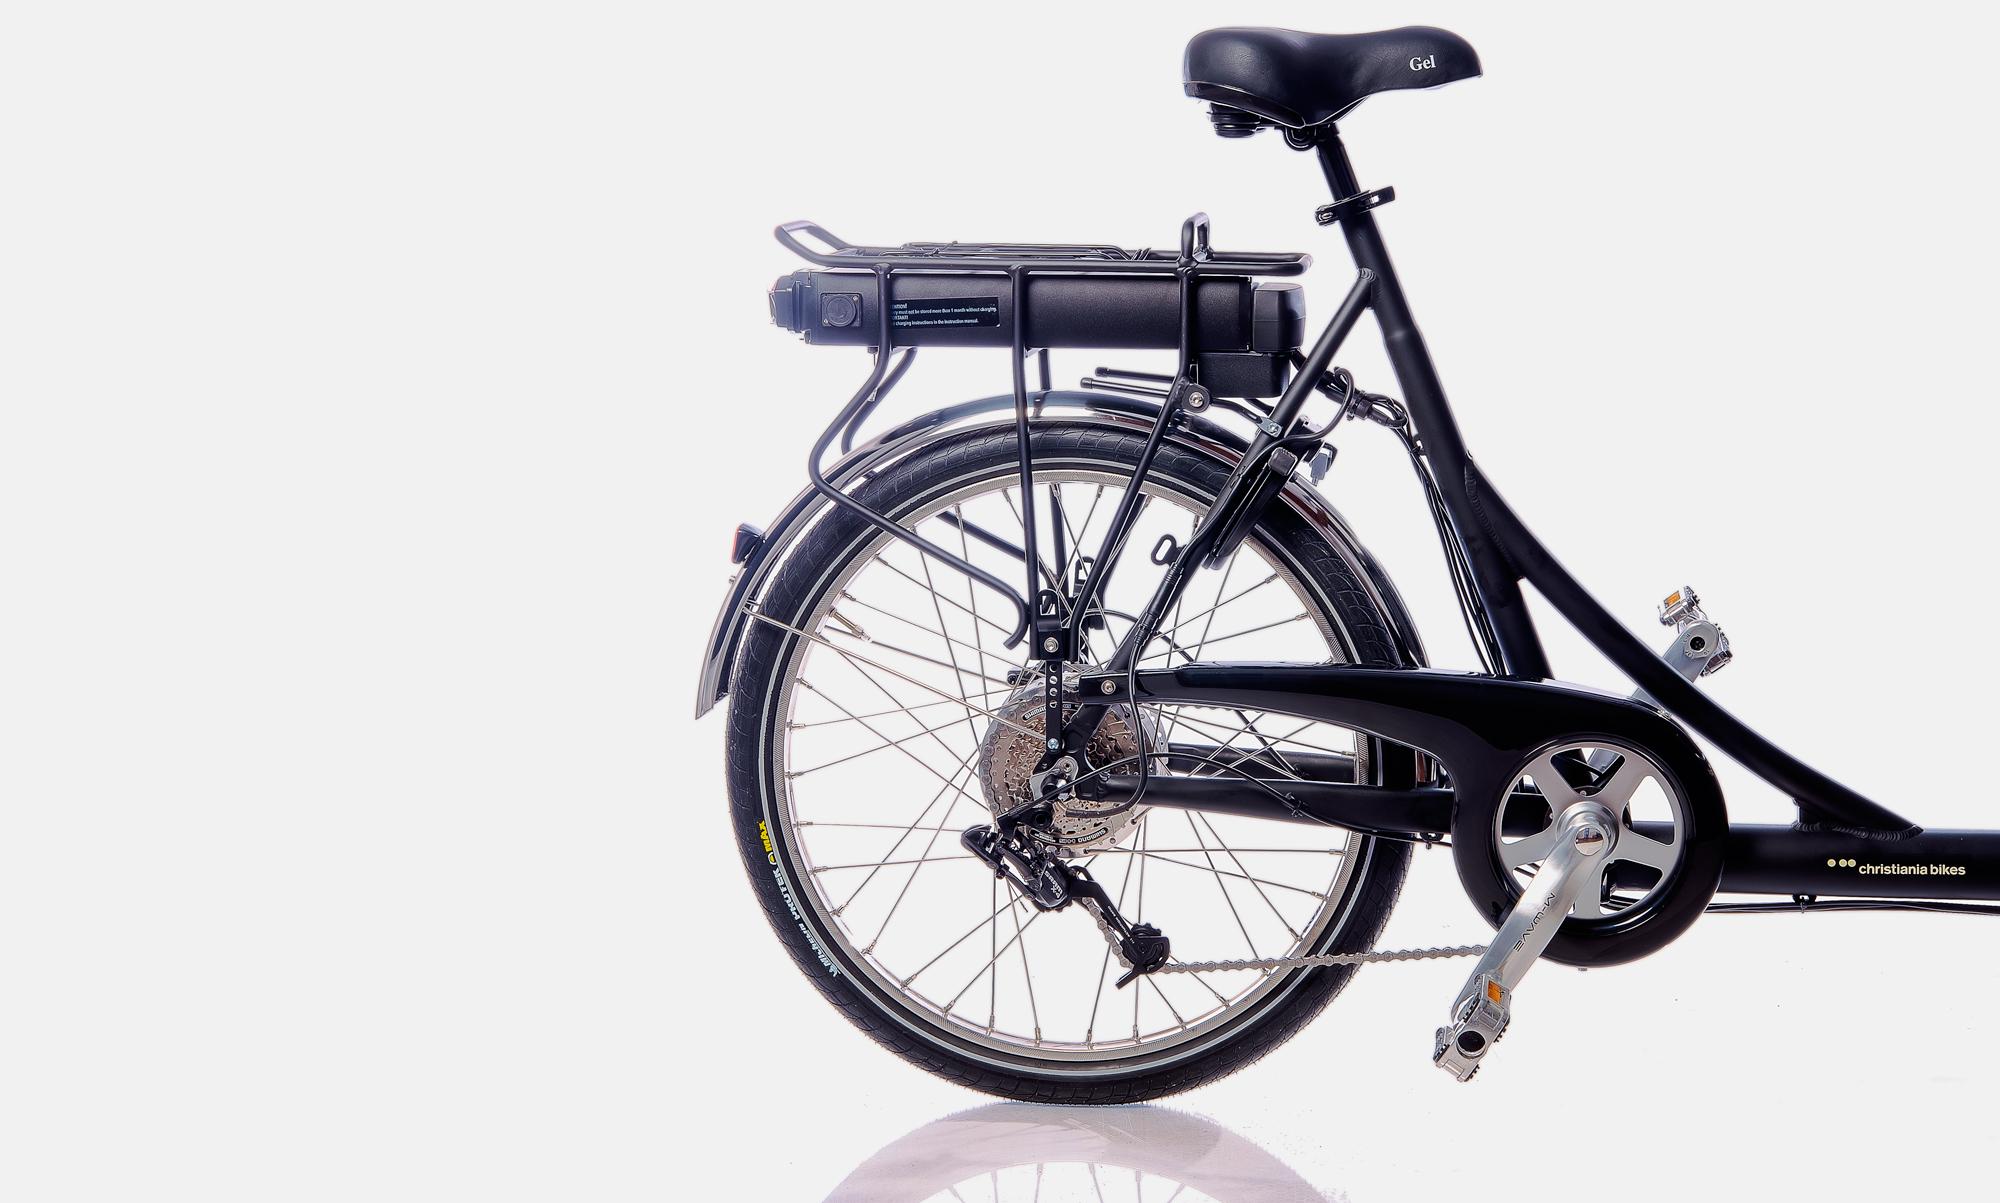 Christiania bikes Light - Sähköavusteinen kuormapyörä